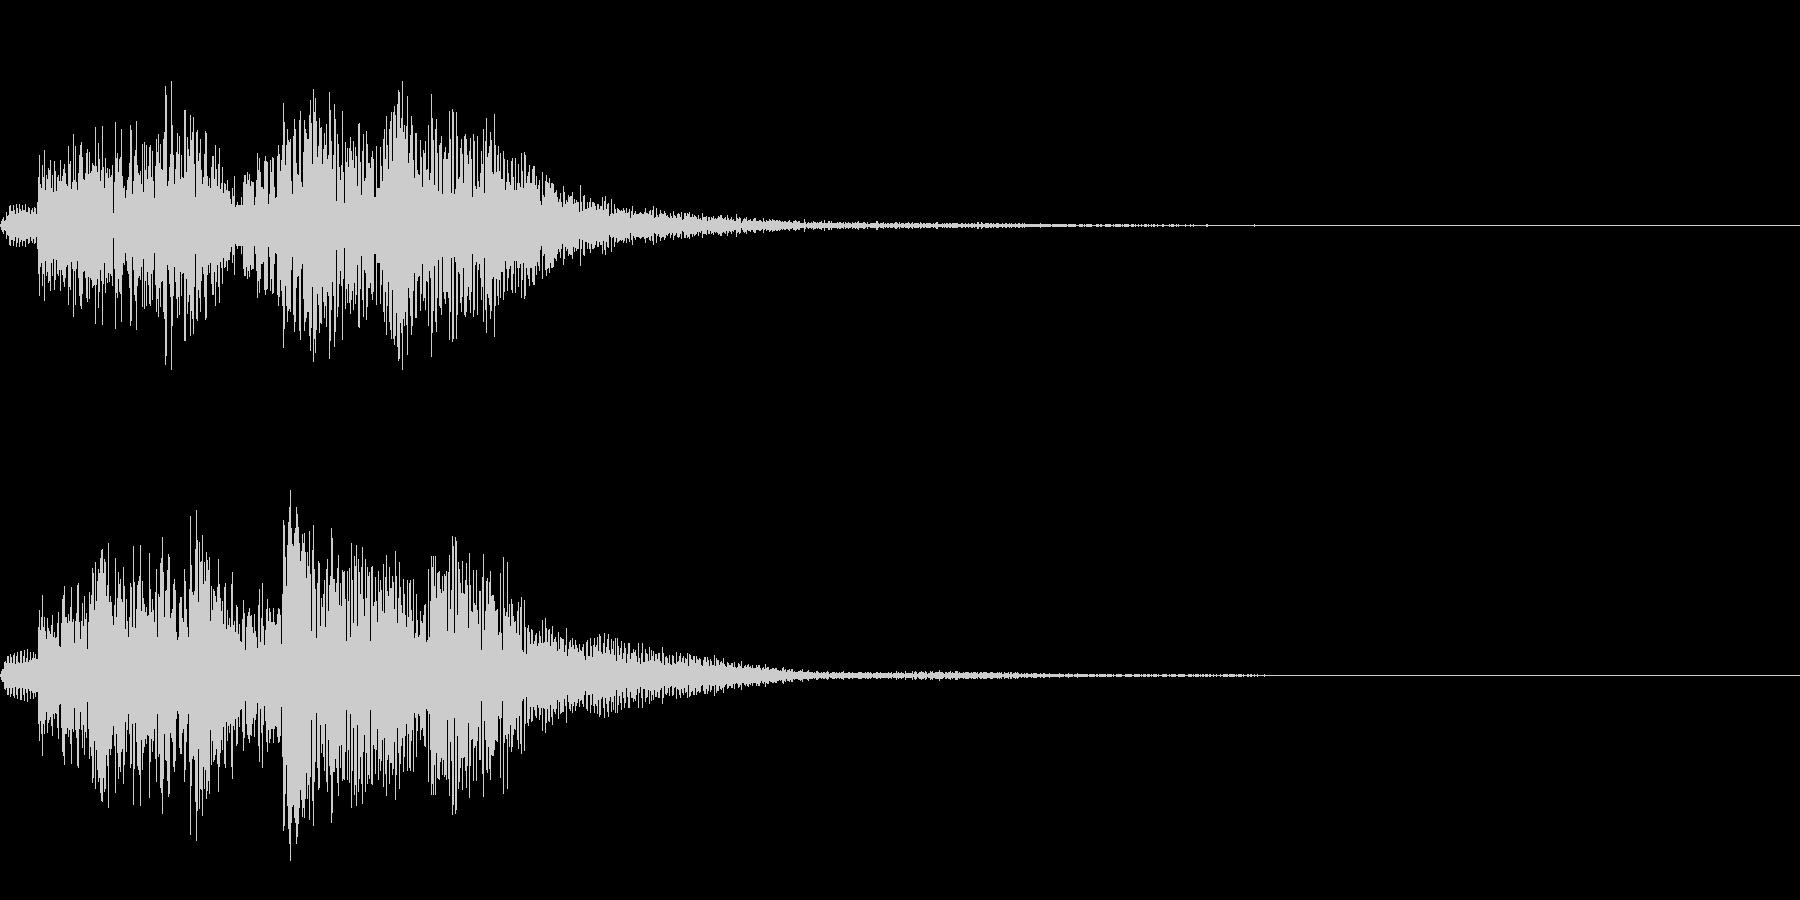 ハープによる分散和音~ディミニッシュ系~の未再生の波形